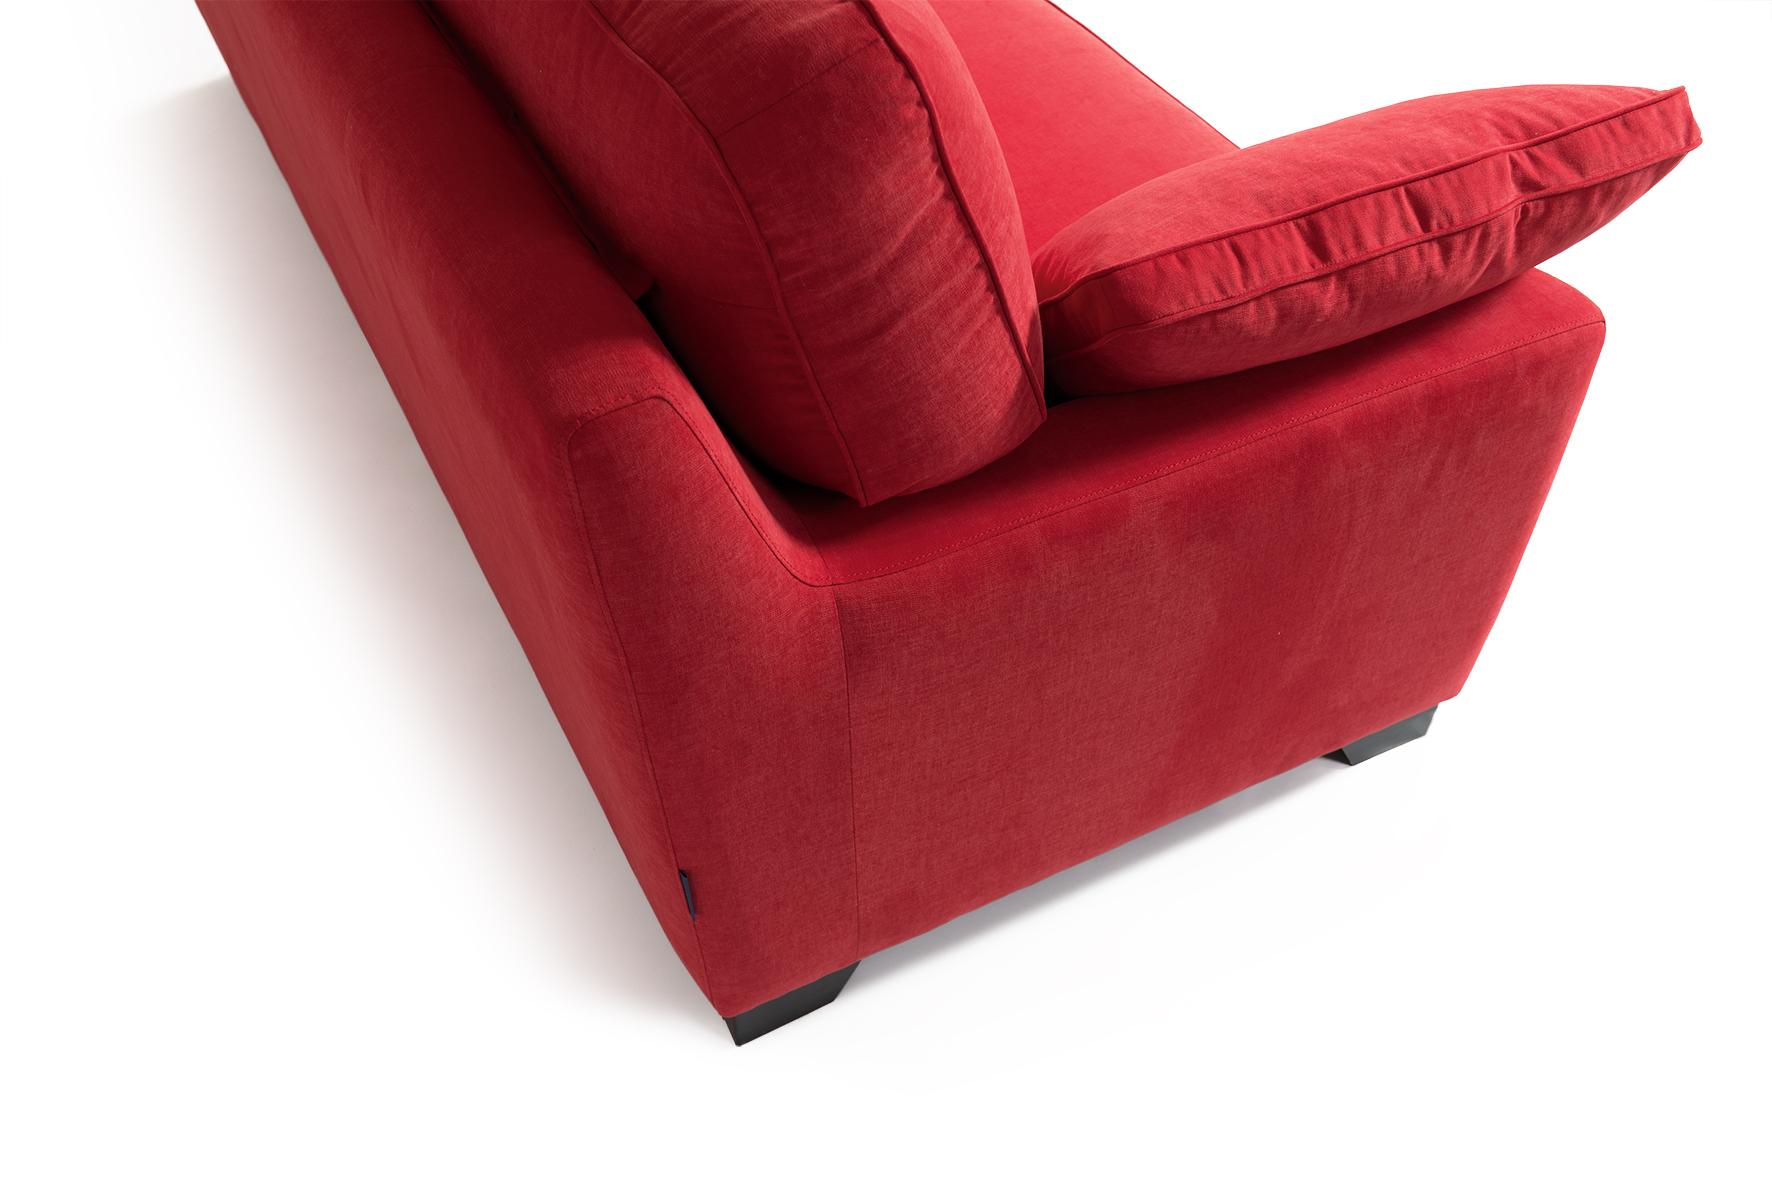 canap capucine de ralph m raphaele meubles. Black Bedroom Furniture Sets. Home Design Ideas